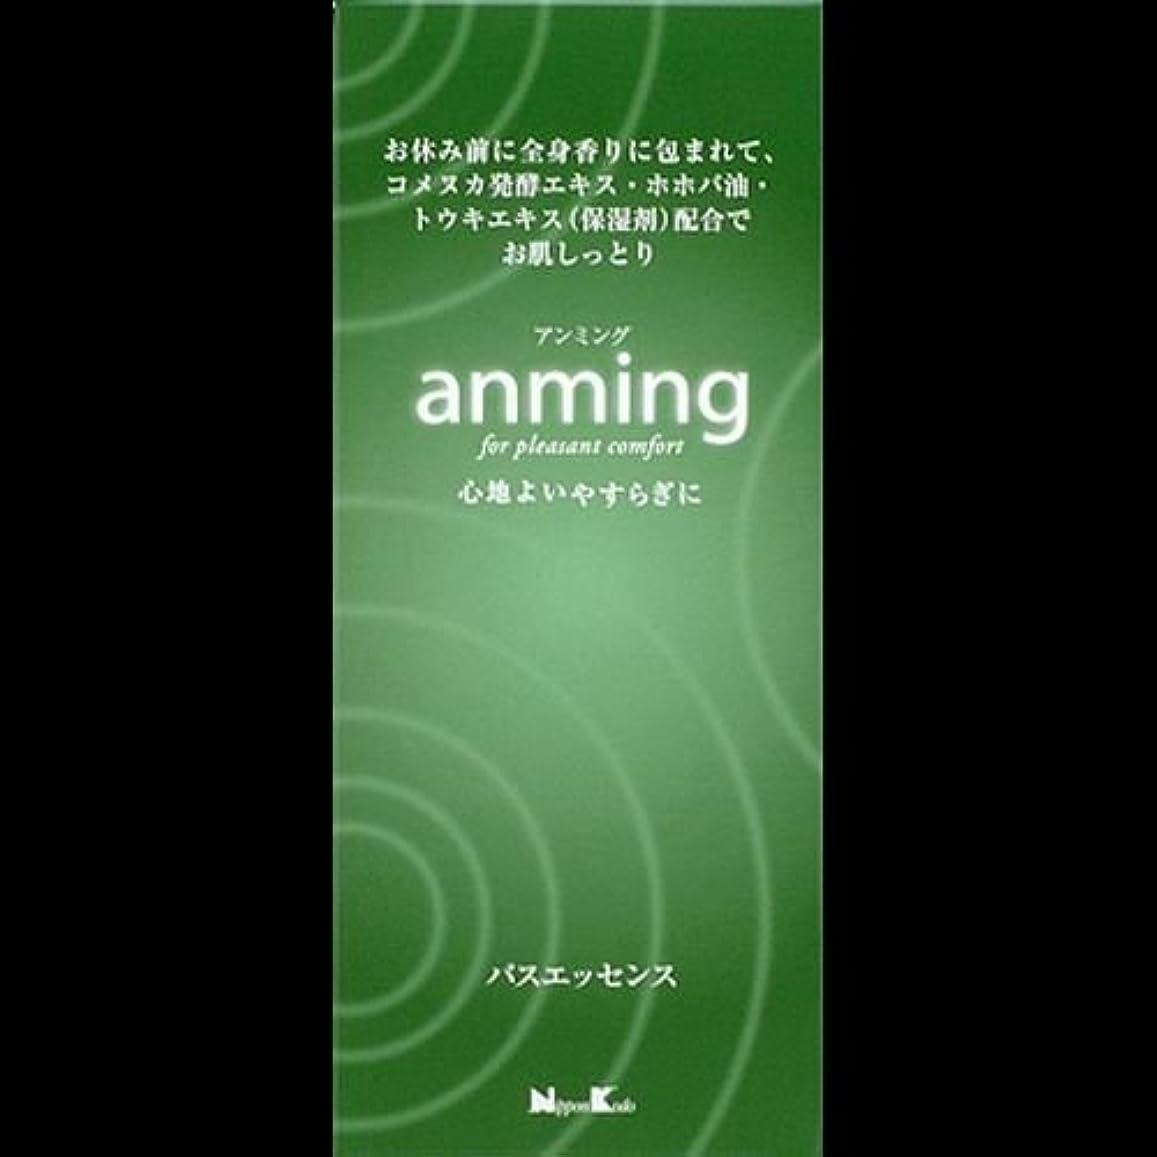 【まとめ買い】anming(アンミング) バスエッセンス 480ml ×2セット